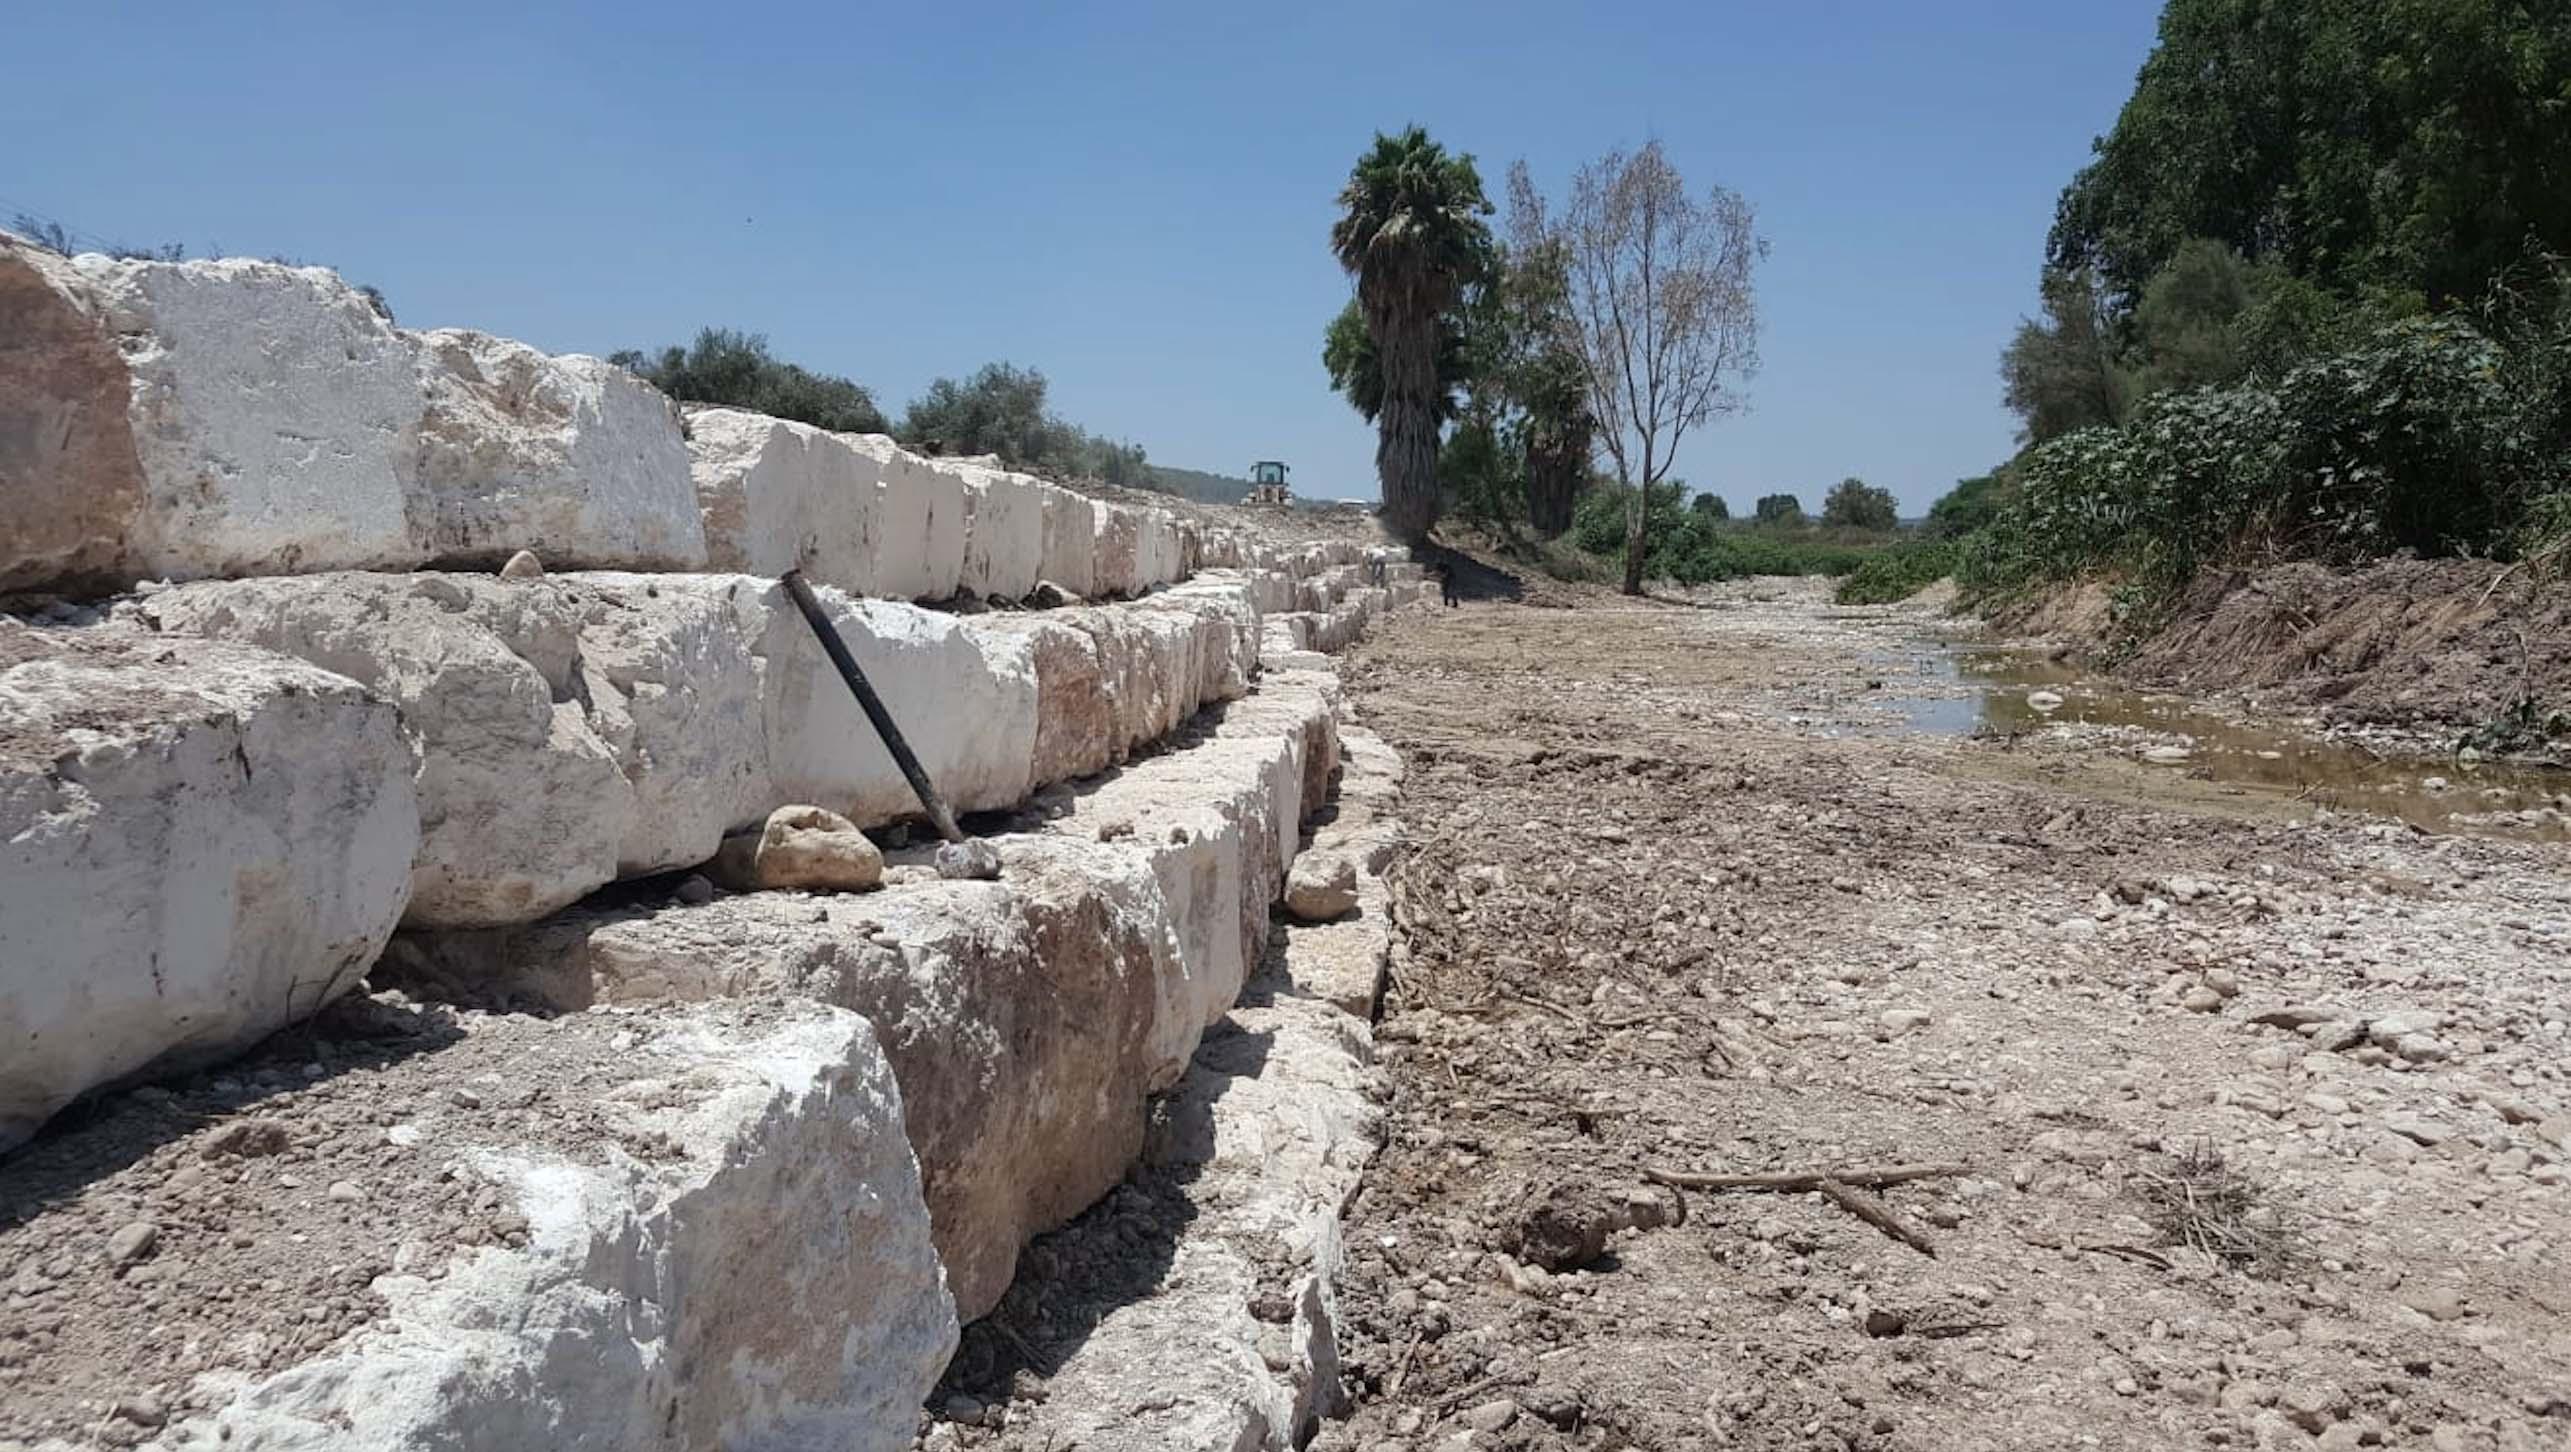 תיקון נזקי חורף בגדת נחל שורק באזור צורעה3